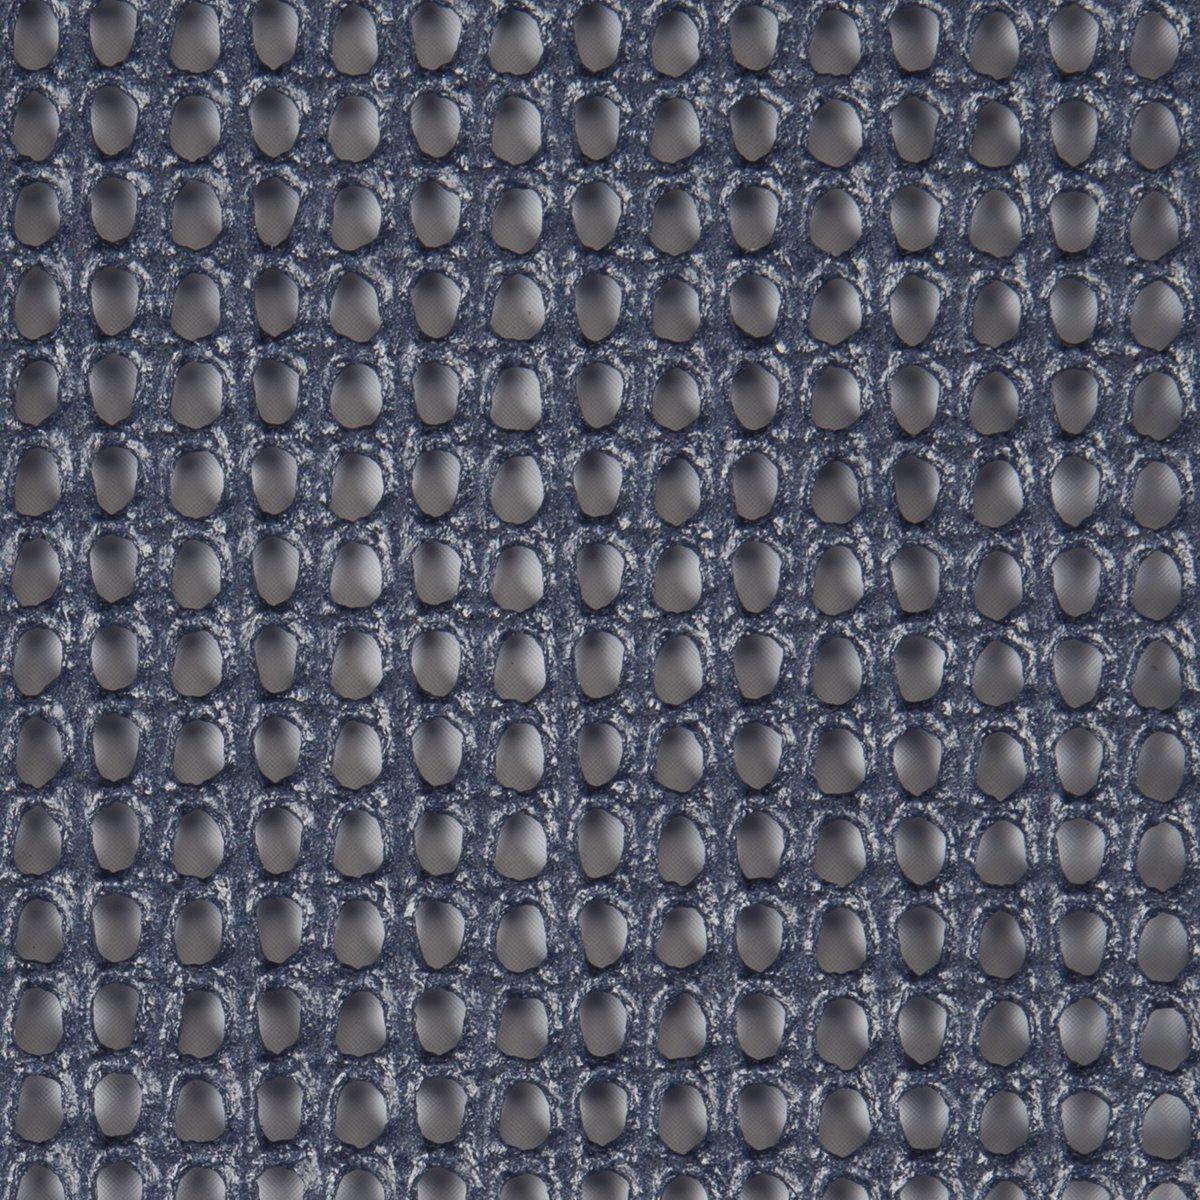 Travellife Riva tenttapijt blauw 250x300cm kopen